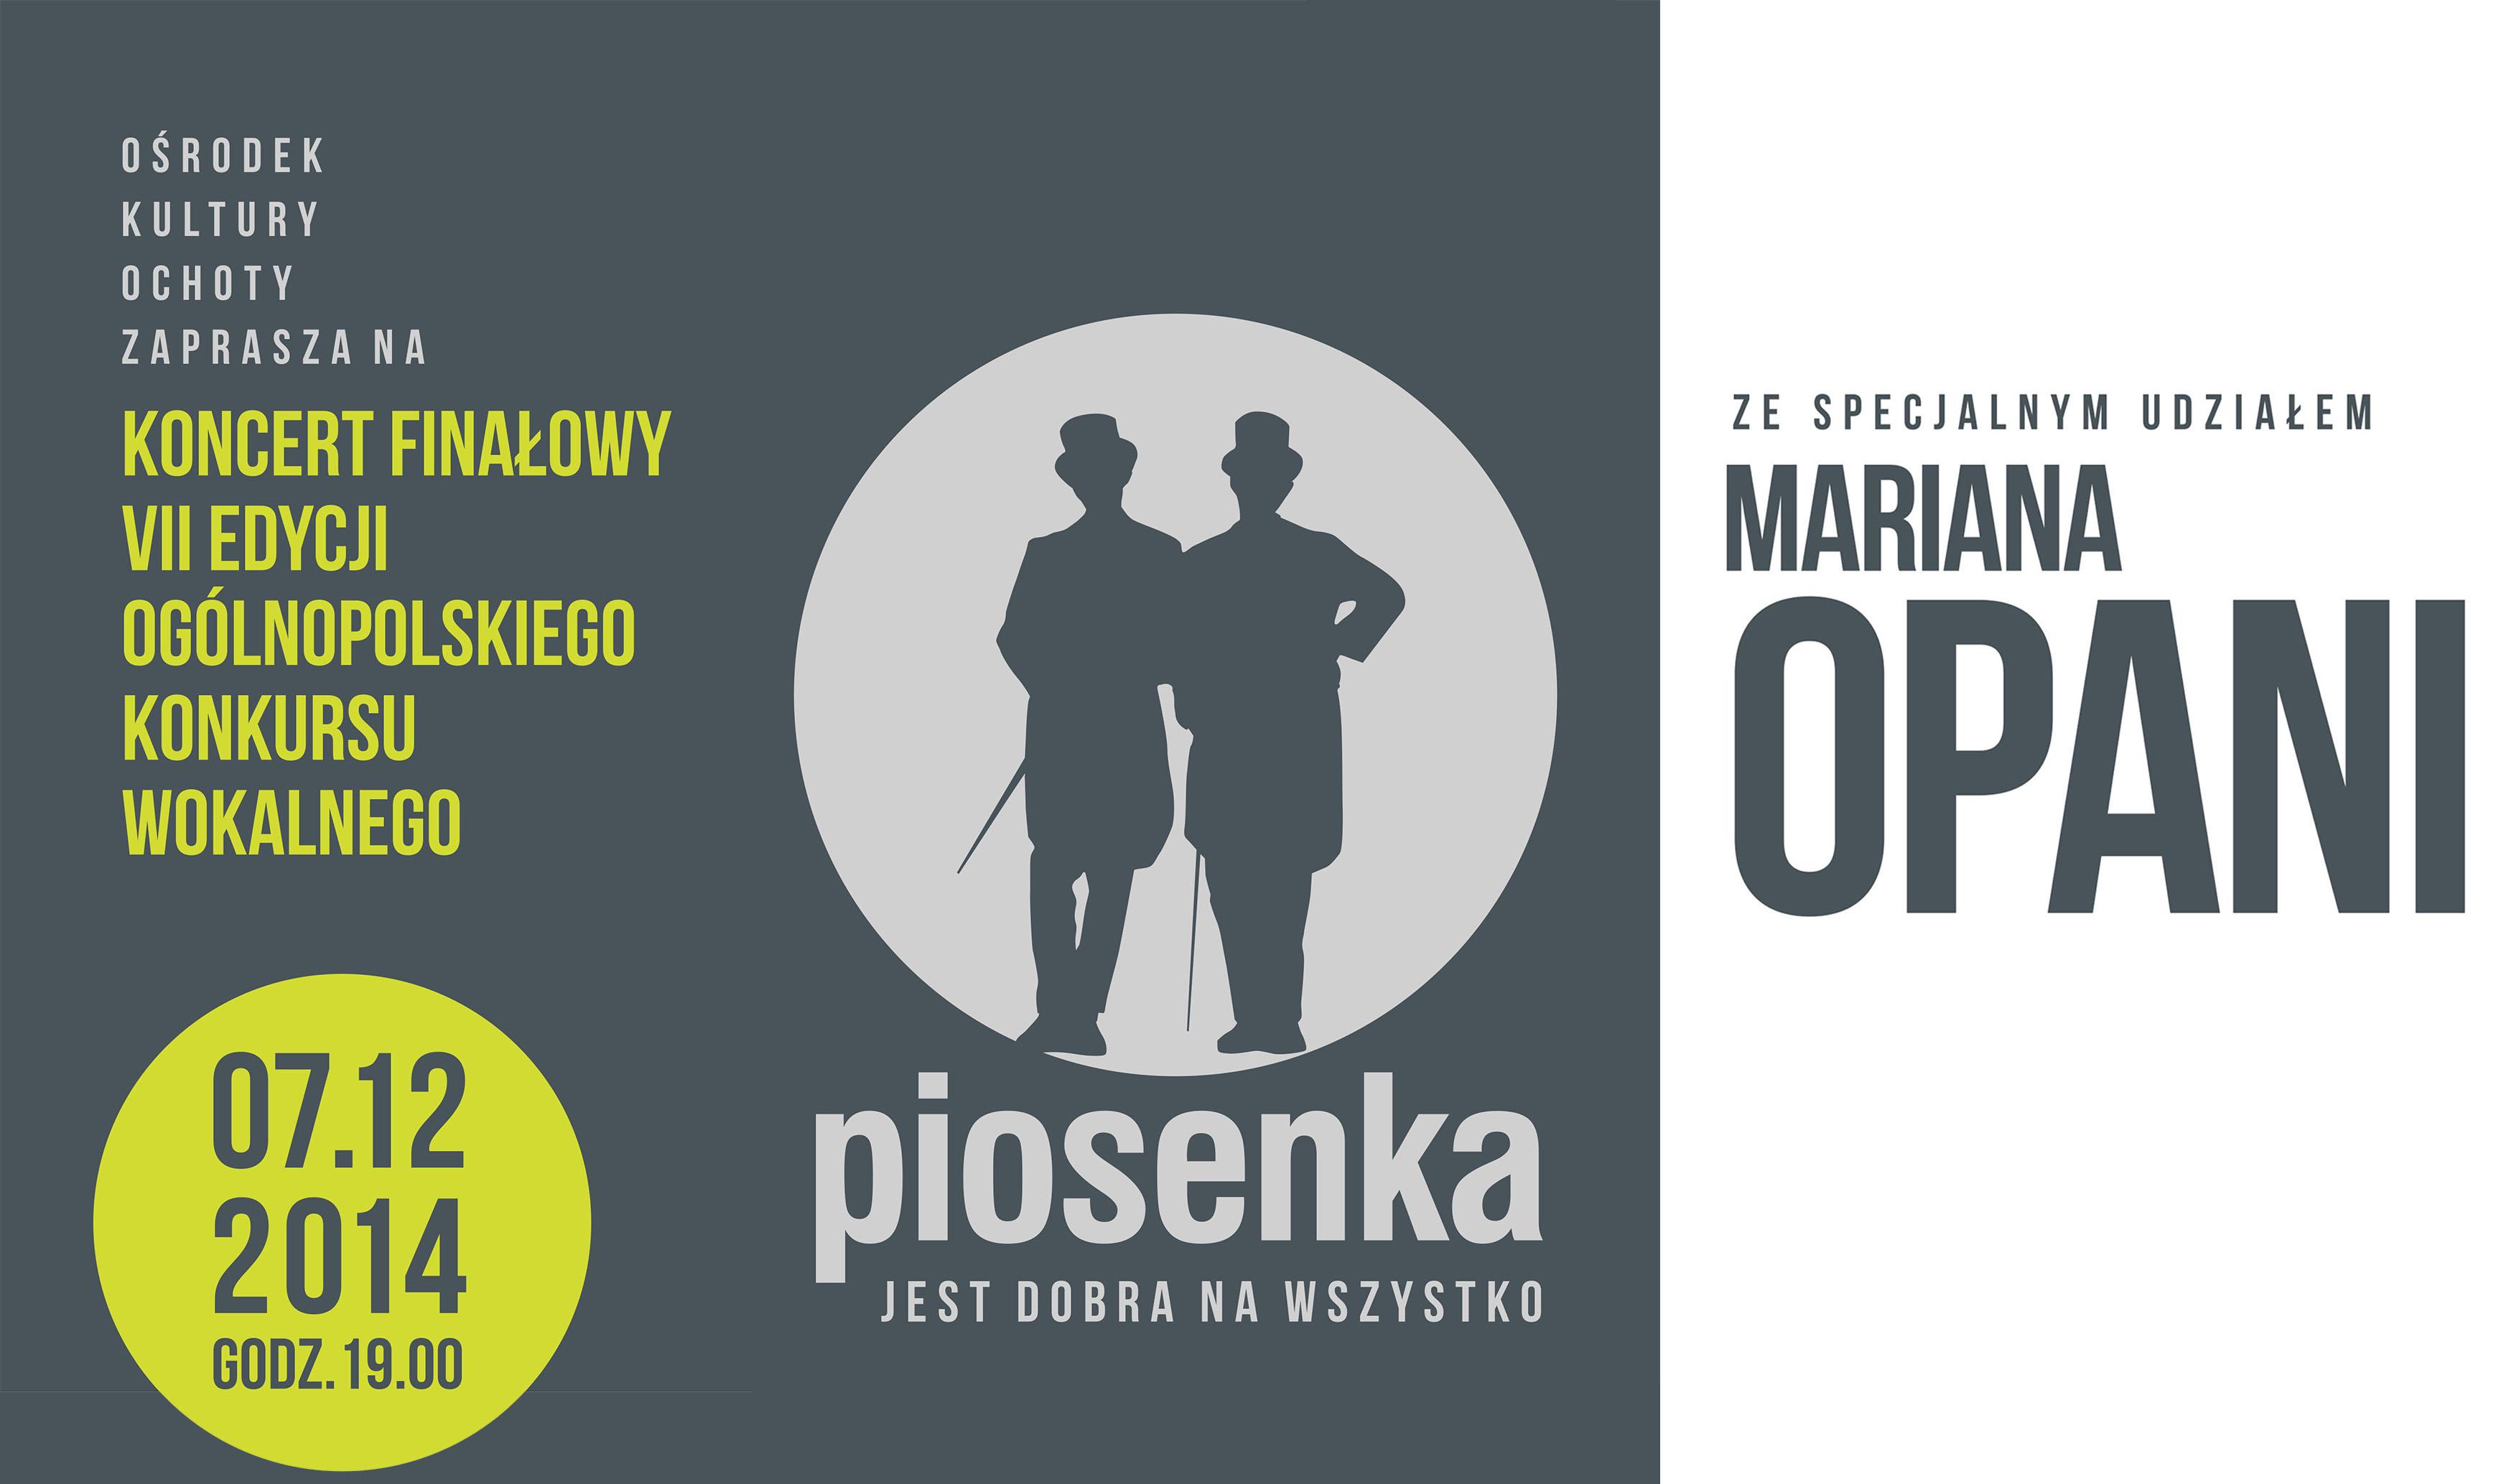 Koncert finałowy ze specjalnym udziałem Mariana Opani. VII edycja Ogólnopolski Konkurs Wokalny ,,Piosenka jest dobra na wszystk